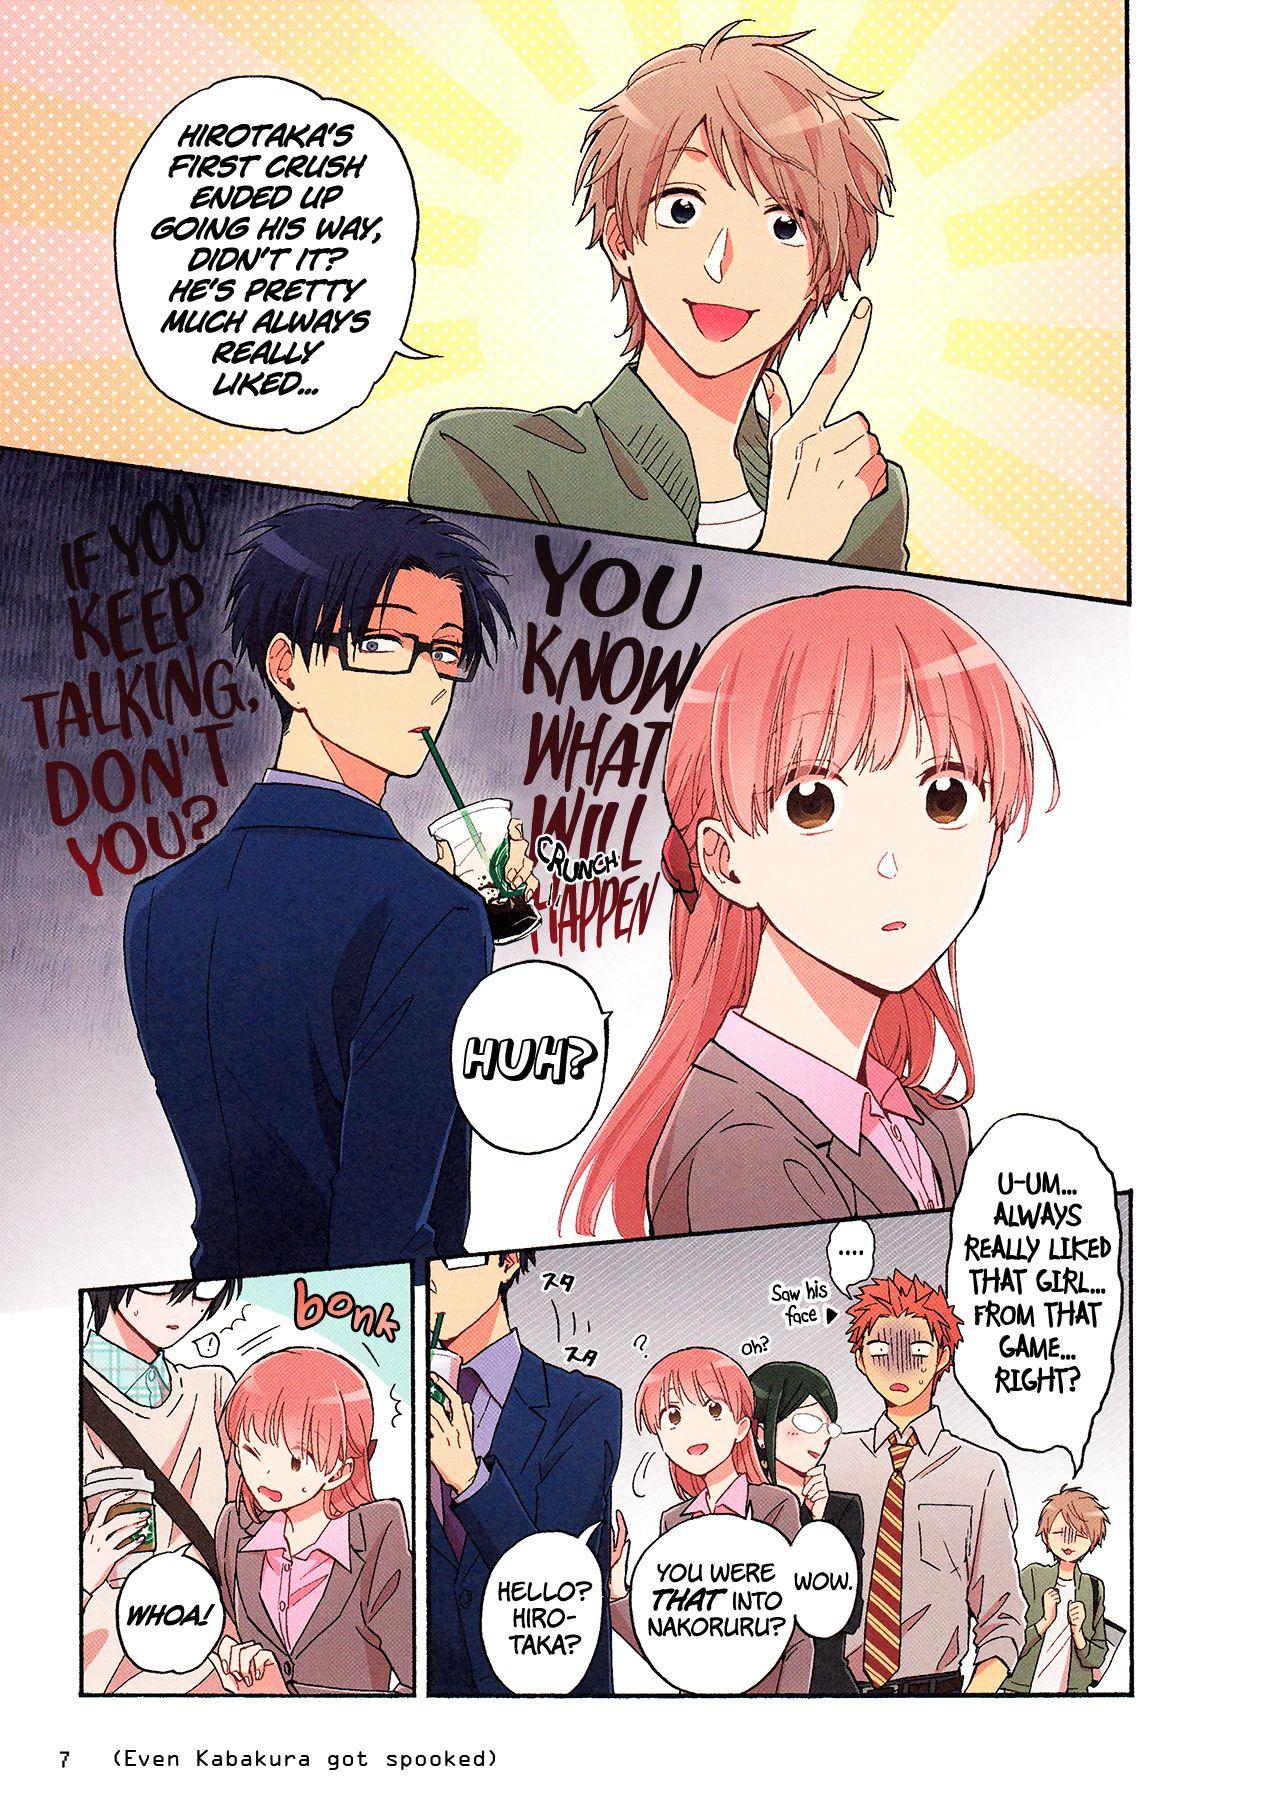 Read manga Wotaku ni Koi wa Muzukashii Vol.004 Ch.022